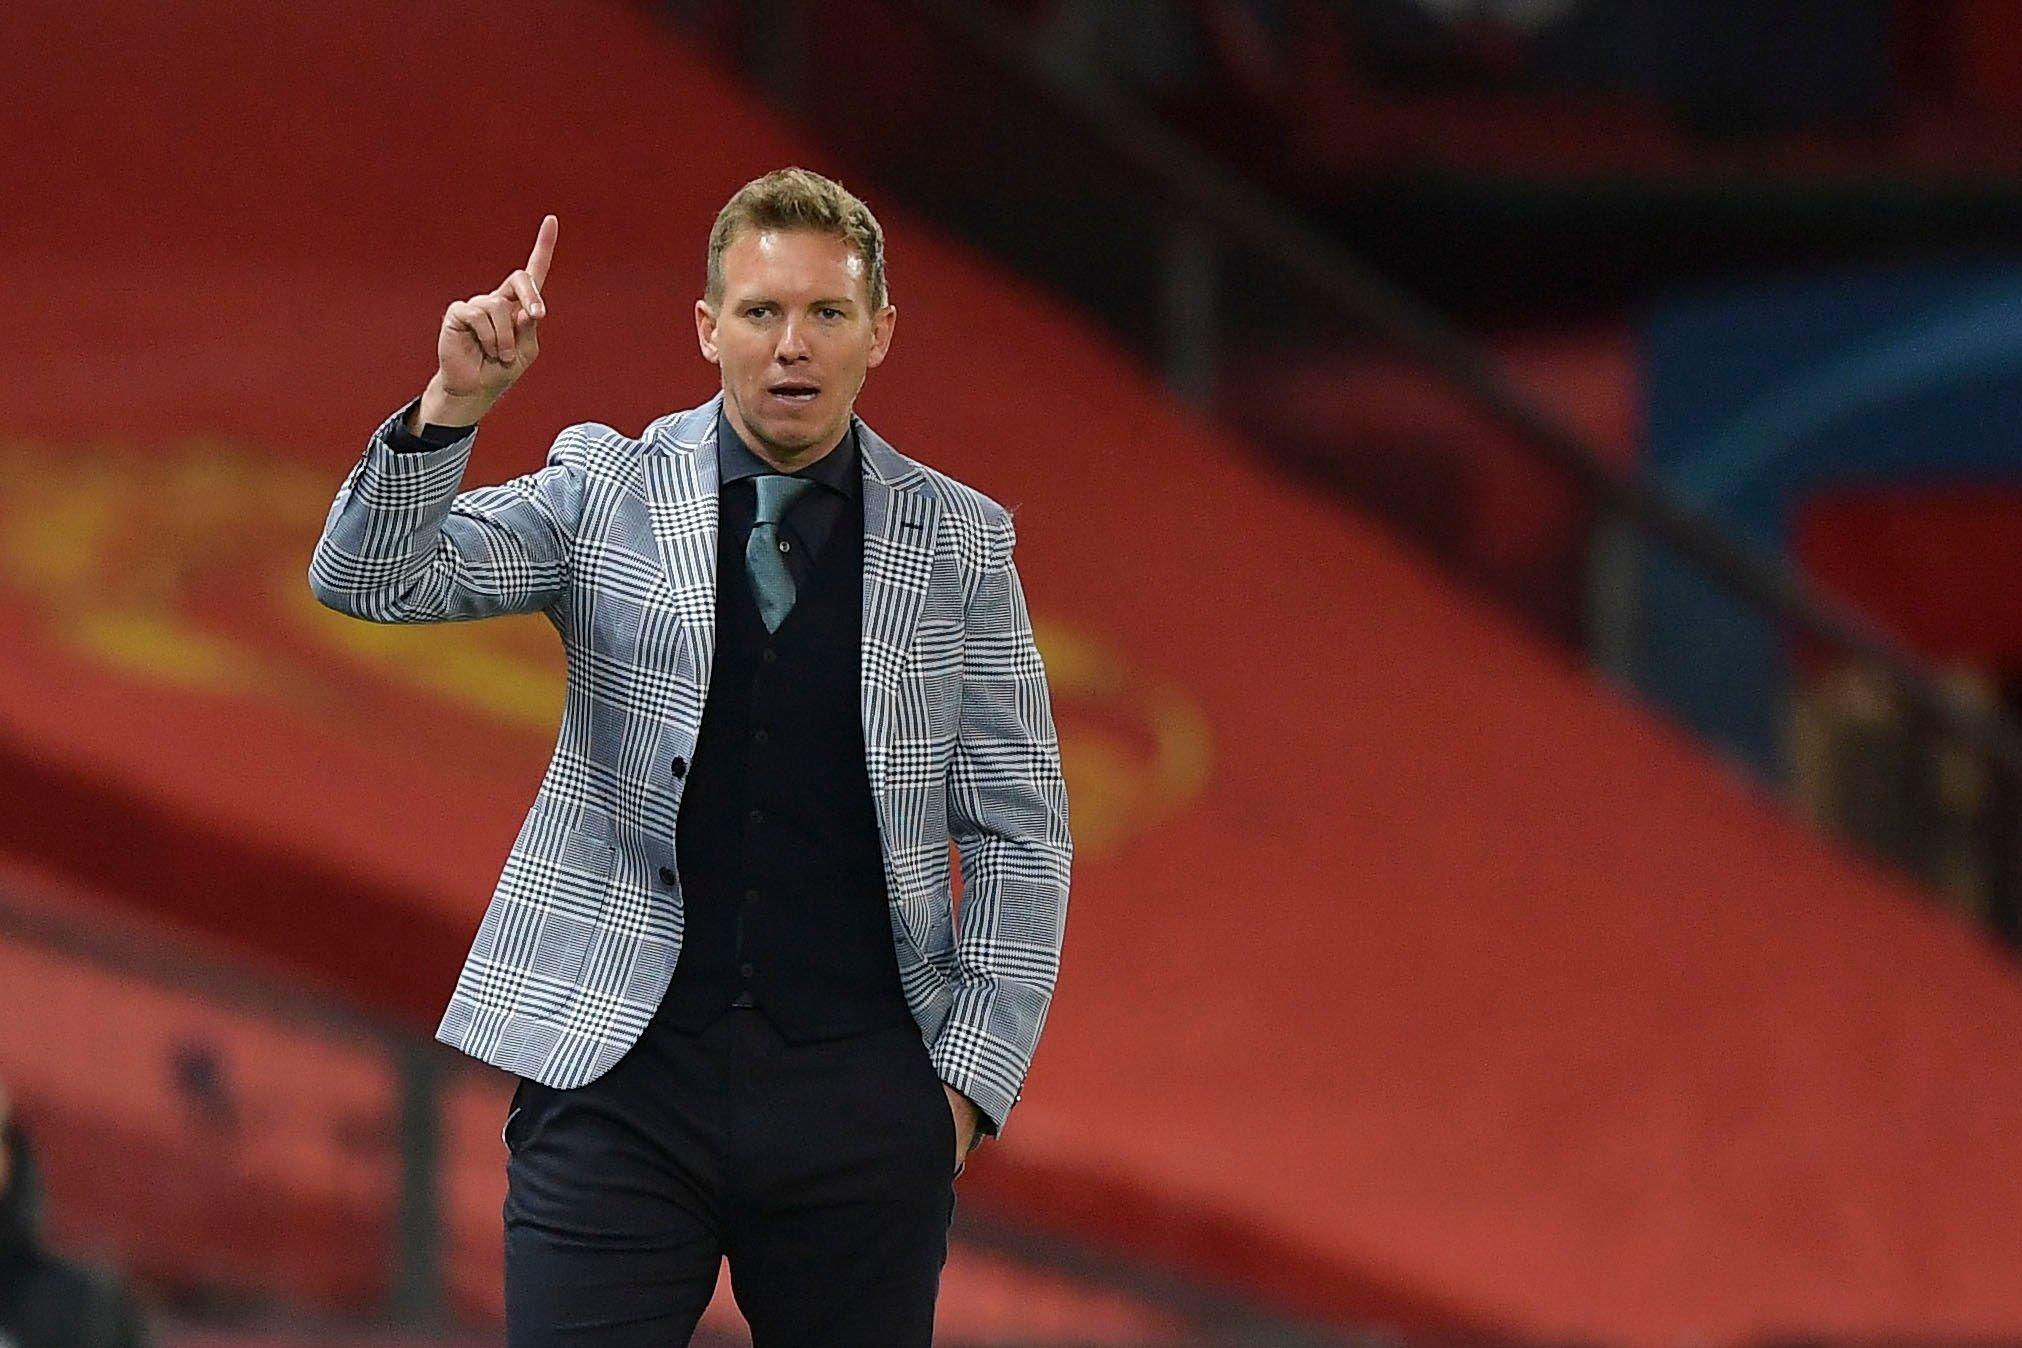 ESPN:若曼联决定换帅,也会考虑莱比锡主帅纳格尔斯曼